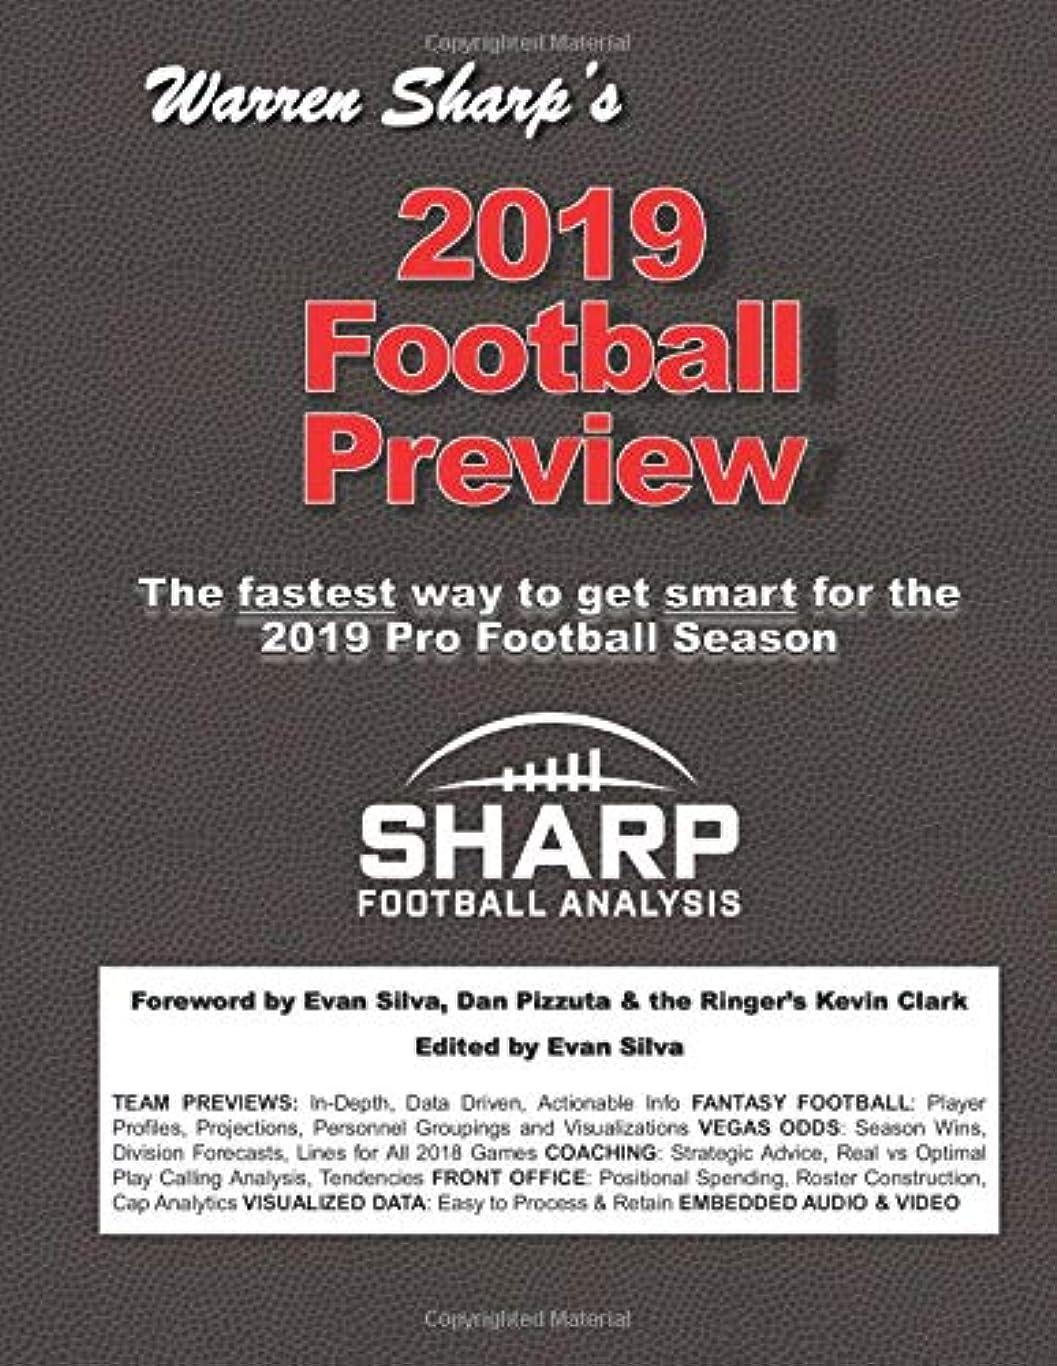 支援する賄賂投資Warren Sharp's 2019 Football Preview